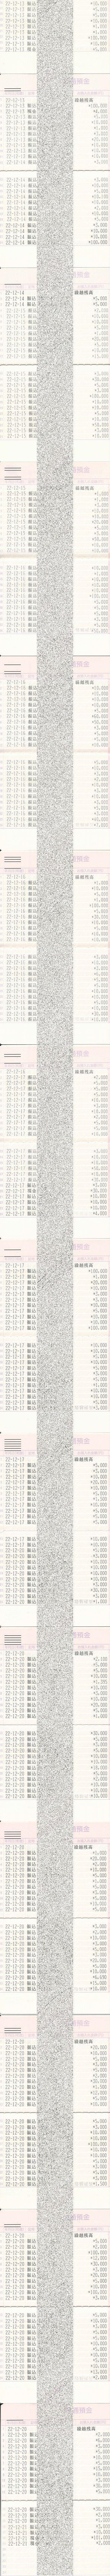 美鈴公式サイト募金係20101213〜1220